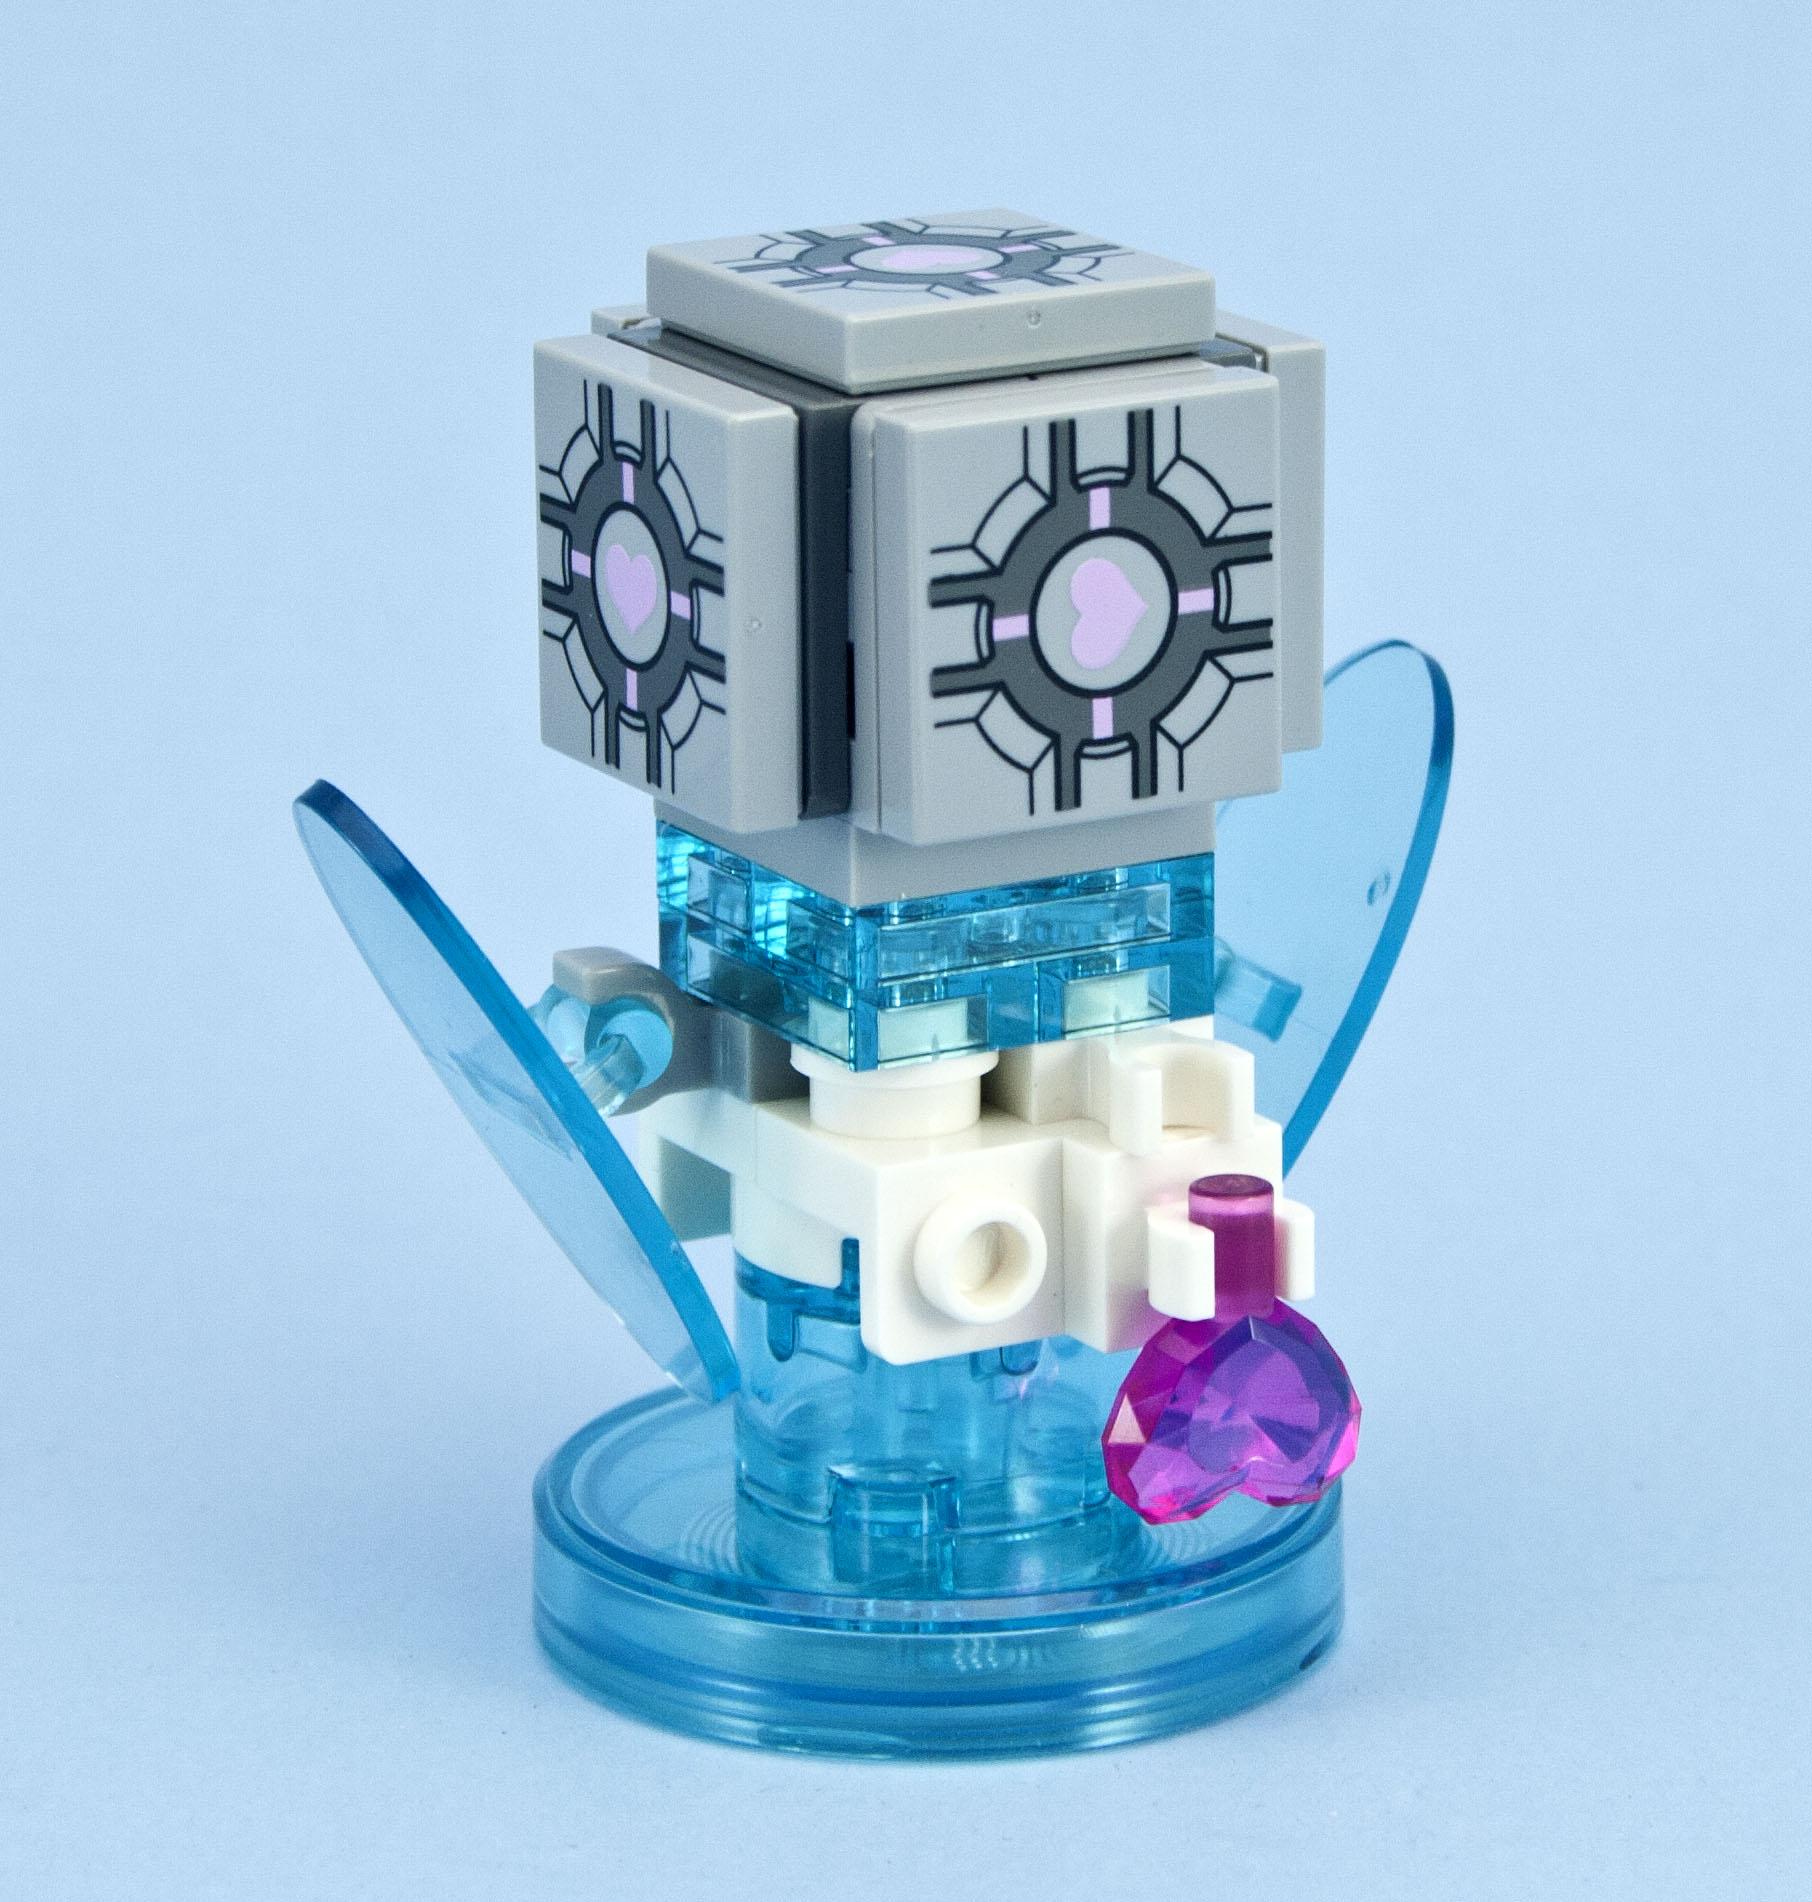 lego dimensions portal 2 instructions